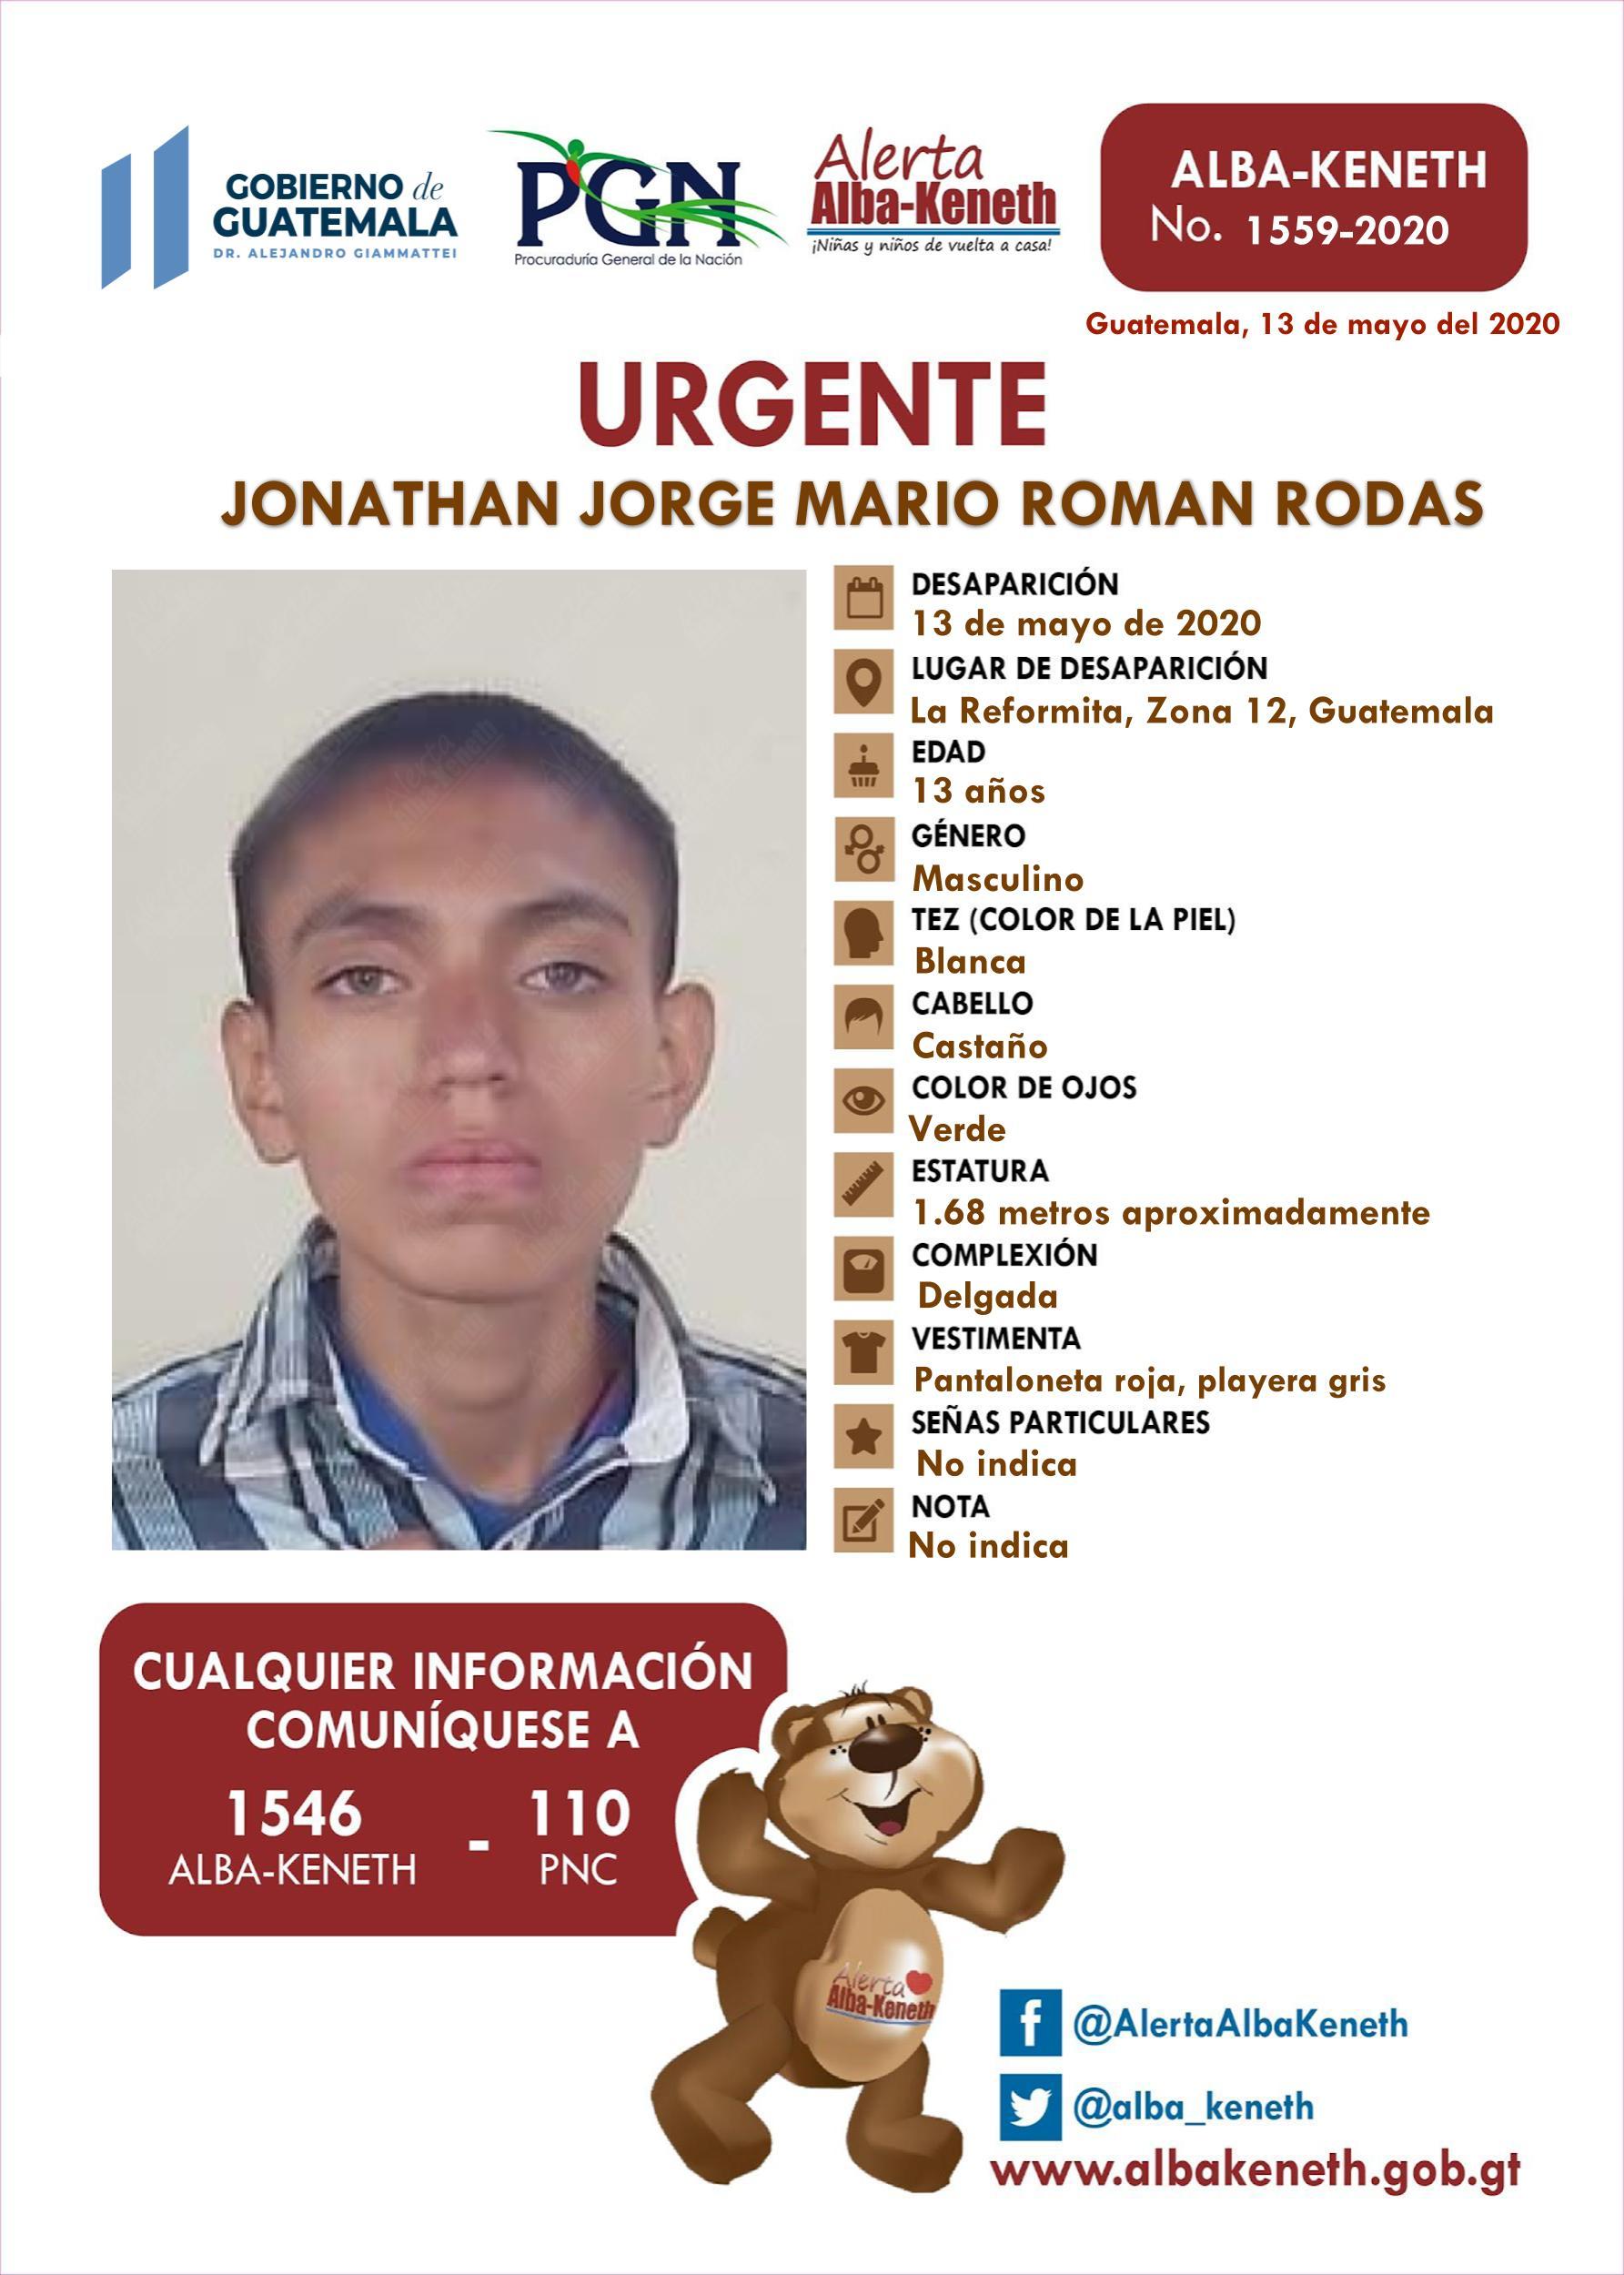 Jonathan Jorge Mario Roman Rodas